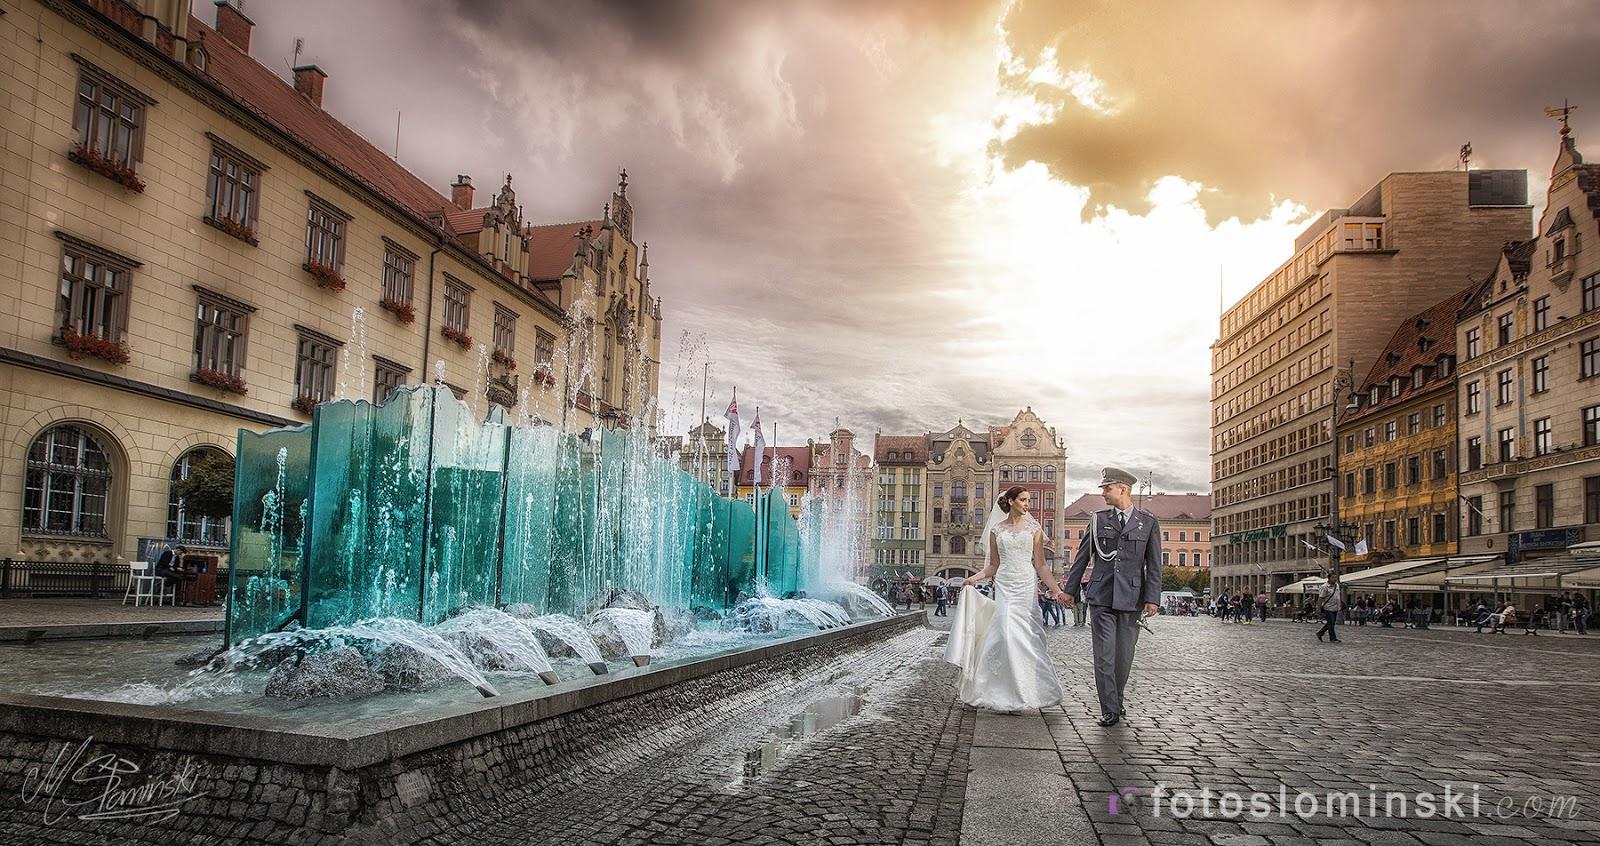 Miejsca na sesje ślubną / plenerową we Wrocławiu ? Oczywiście Wrocław Rynek i okolice - Fotografia ślubna Fotoslominski.